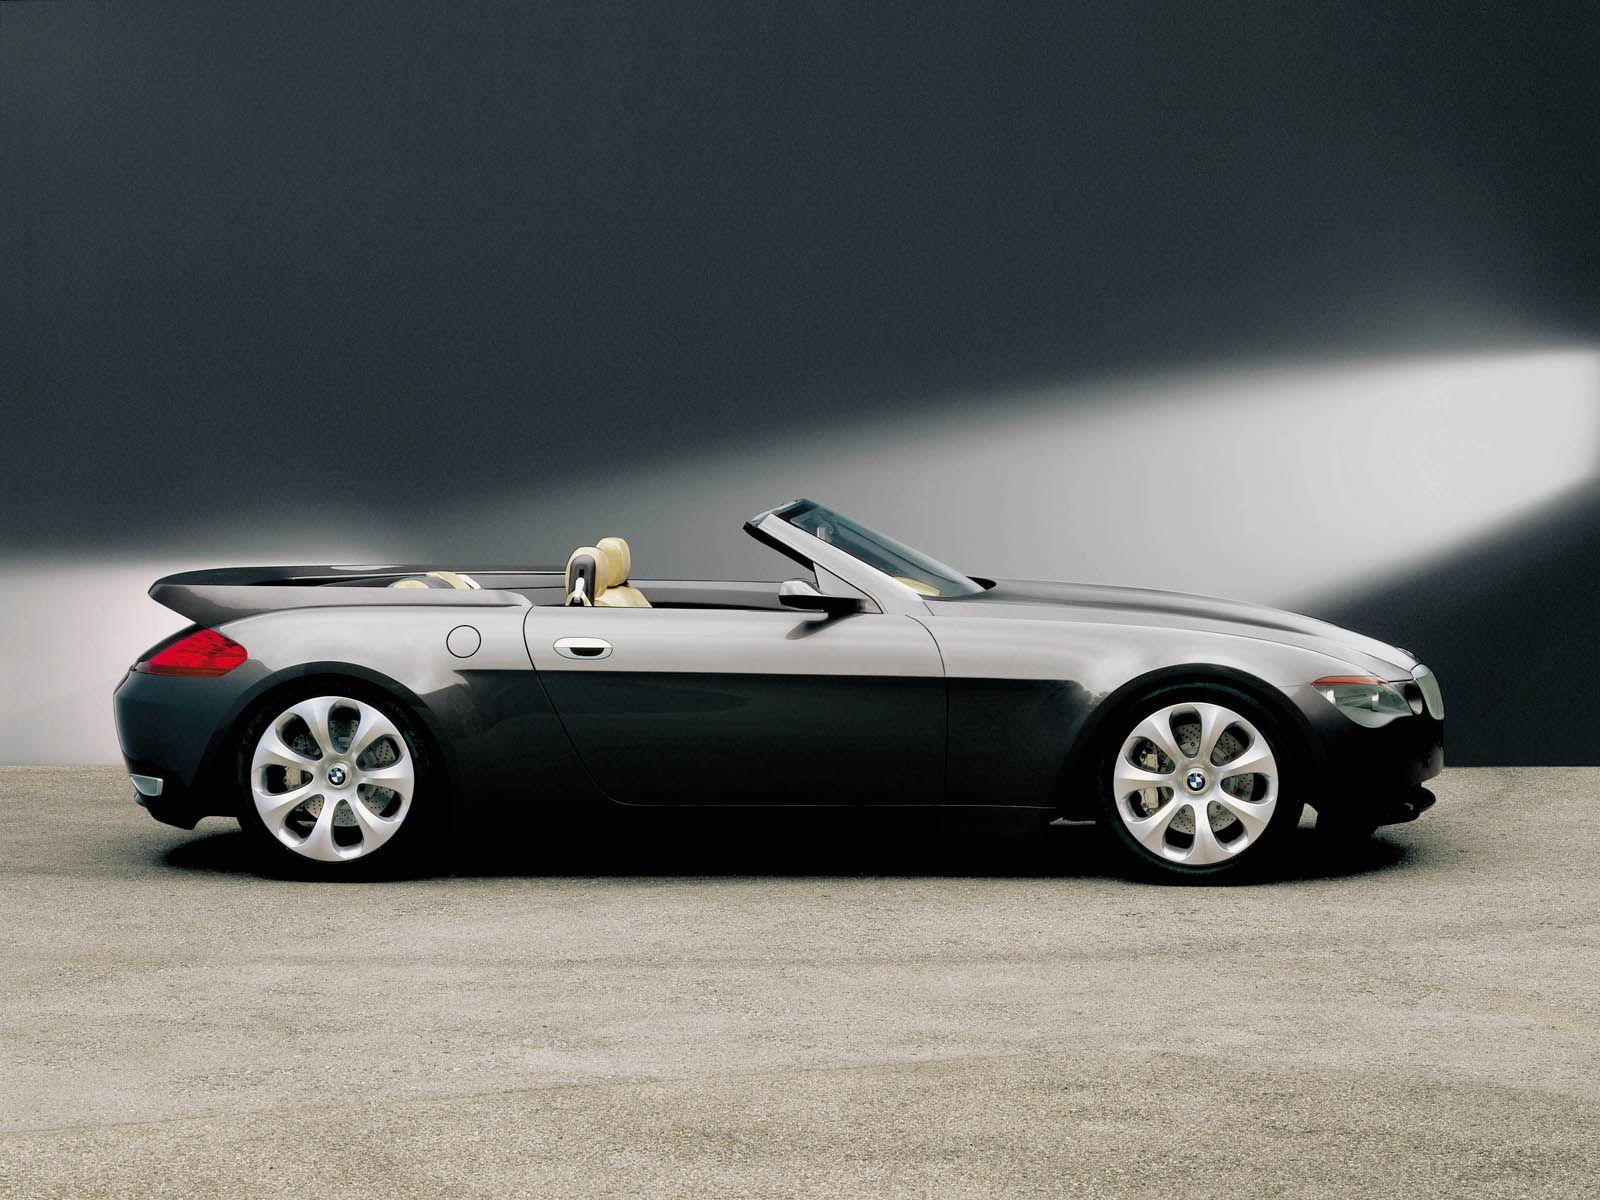 Bmw Bmw 6er Cabrio E64 Und Coupe E63 Bmw Bmw Design Bmw